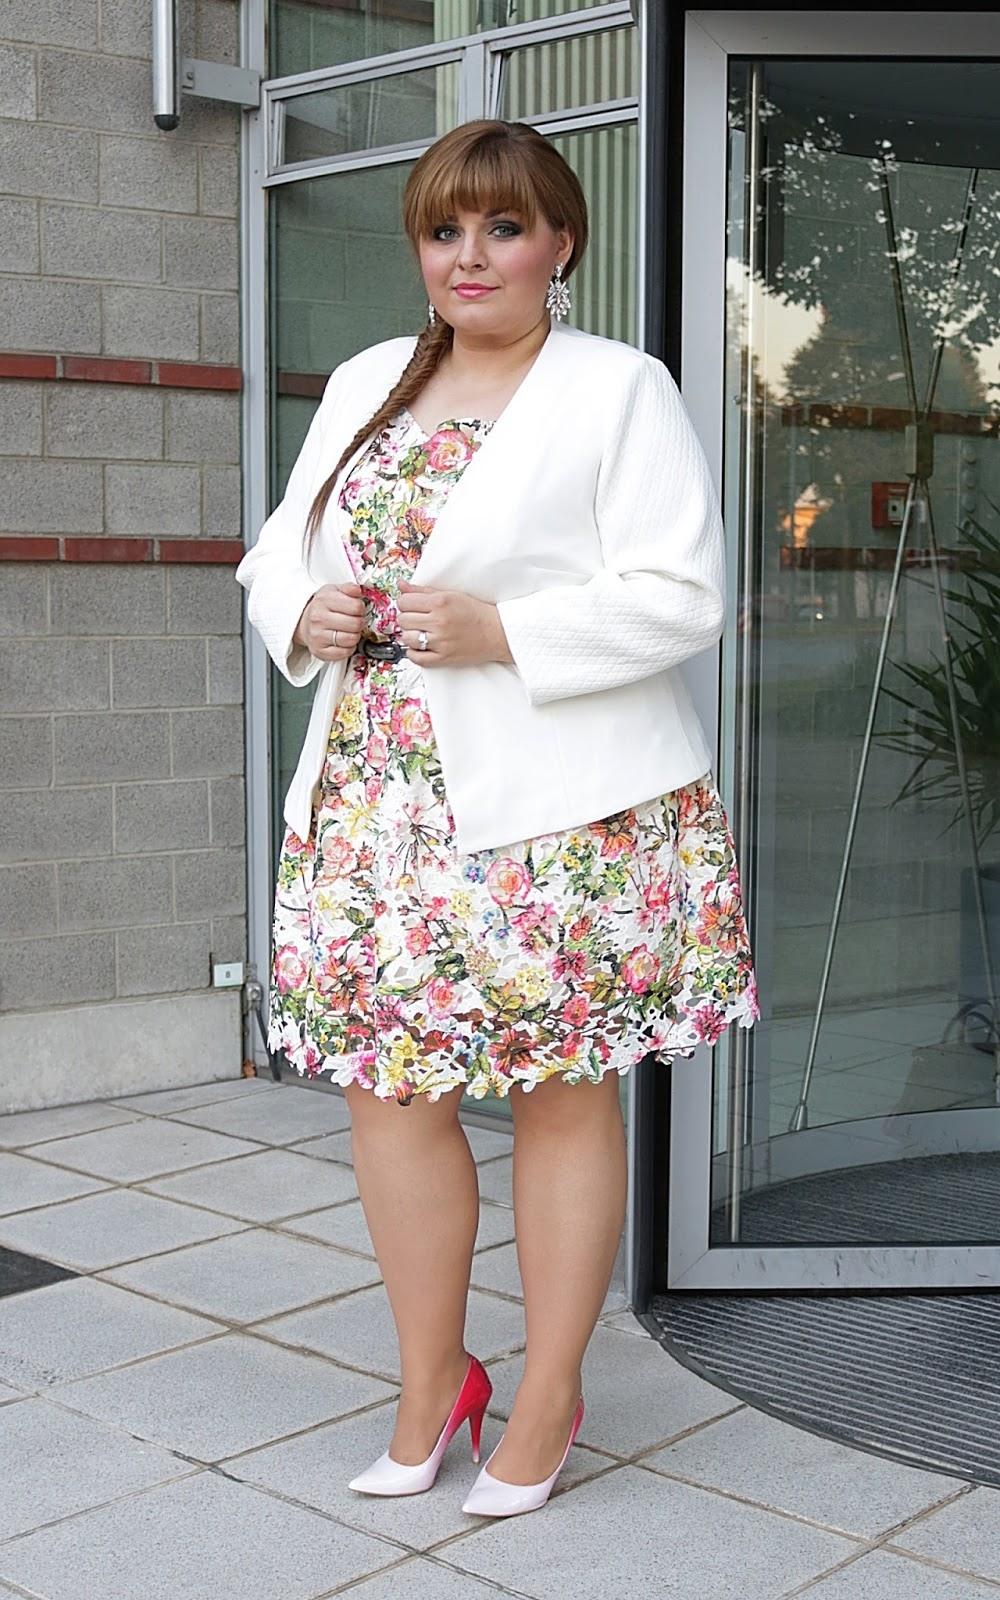 17 Spektakulär Damen Kleider Für Hochzeit Spezialgebiet Schön Damen Kleider Für Hochzeit Spezialgebiet